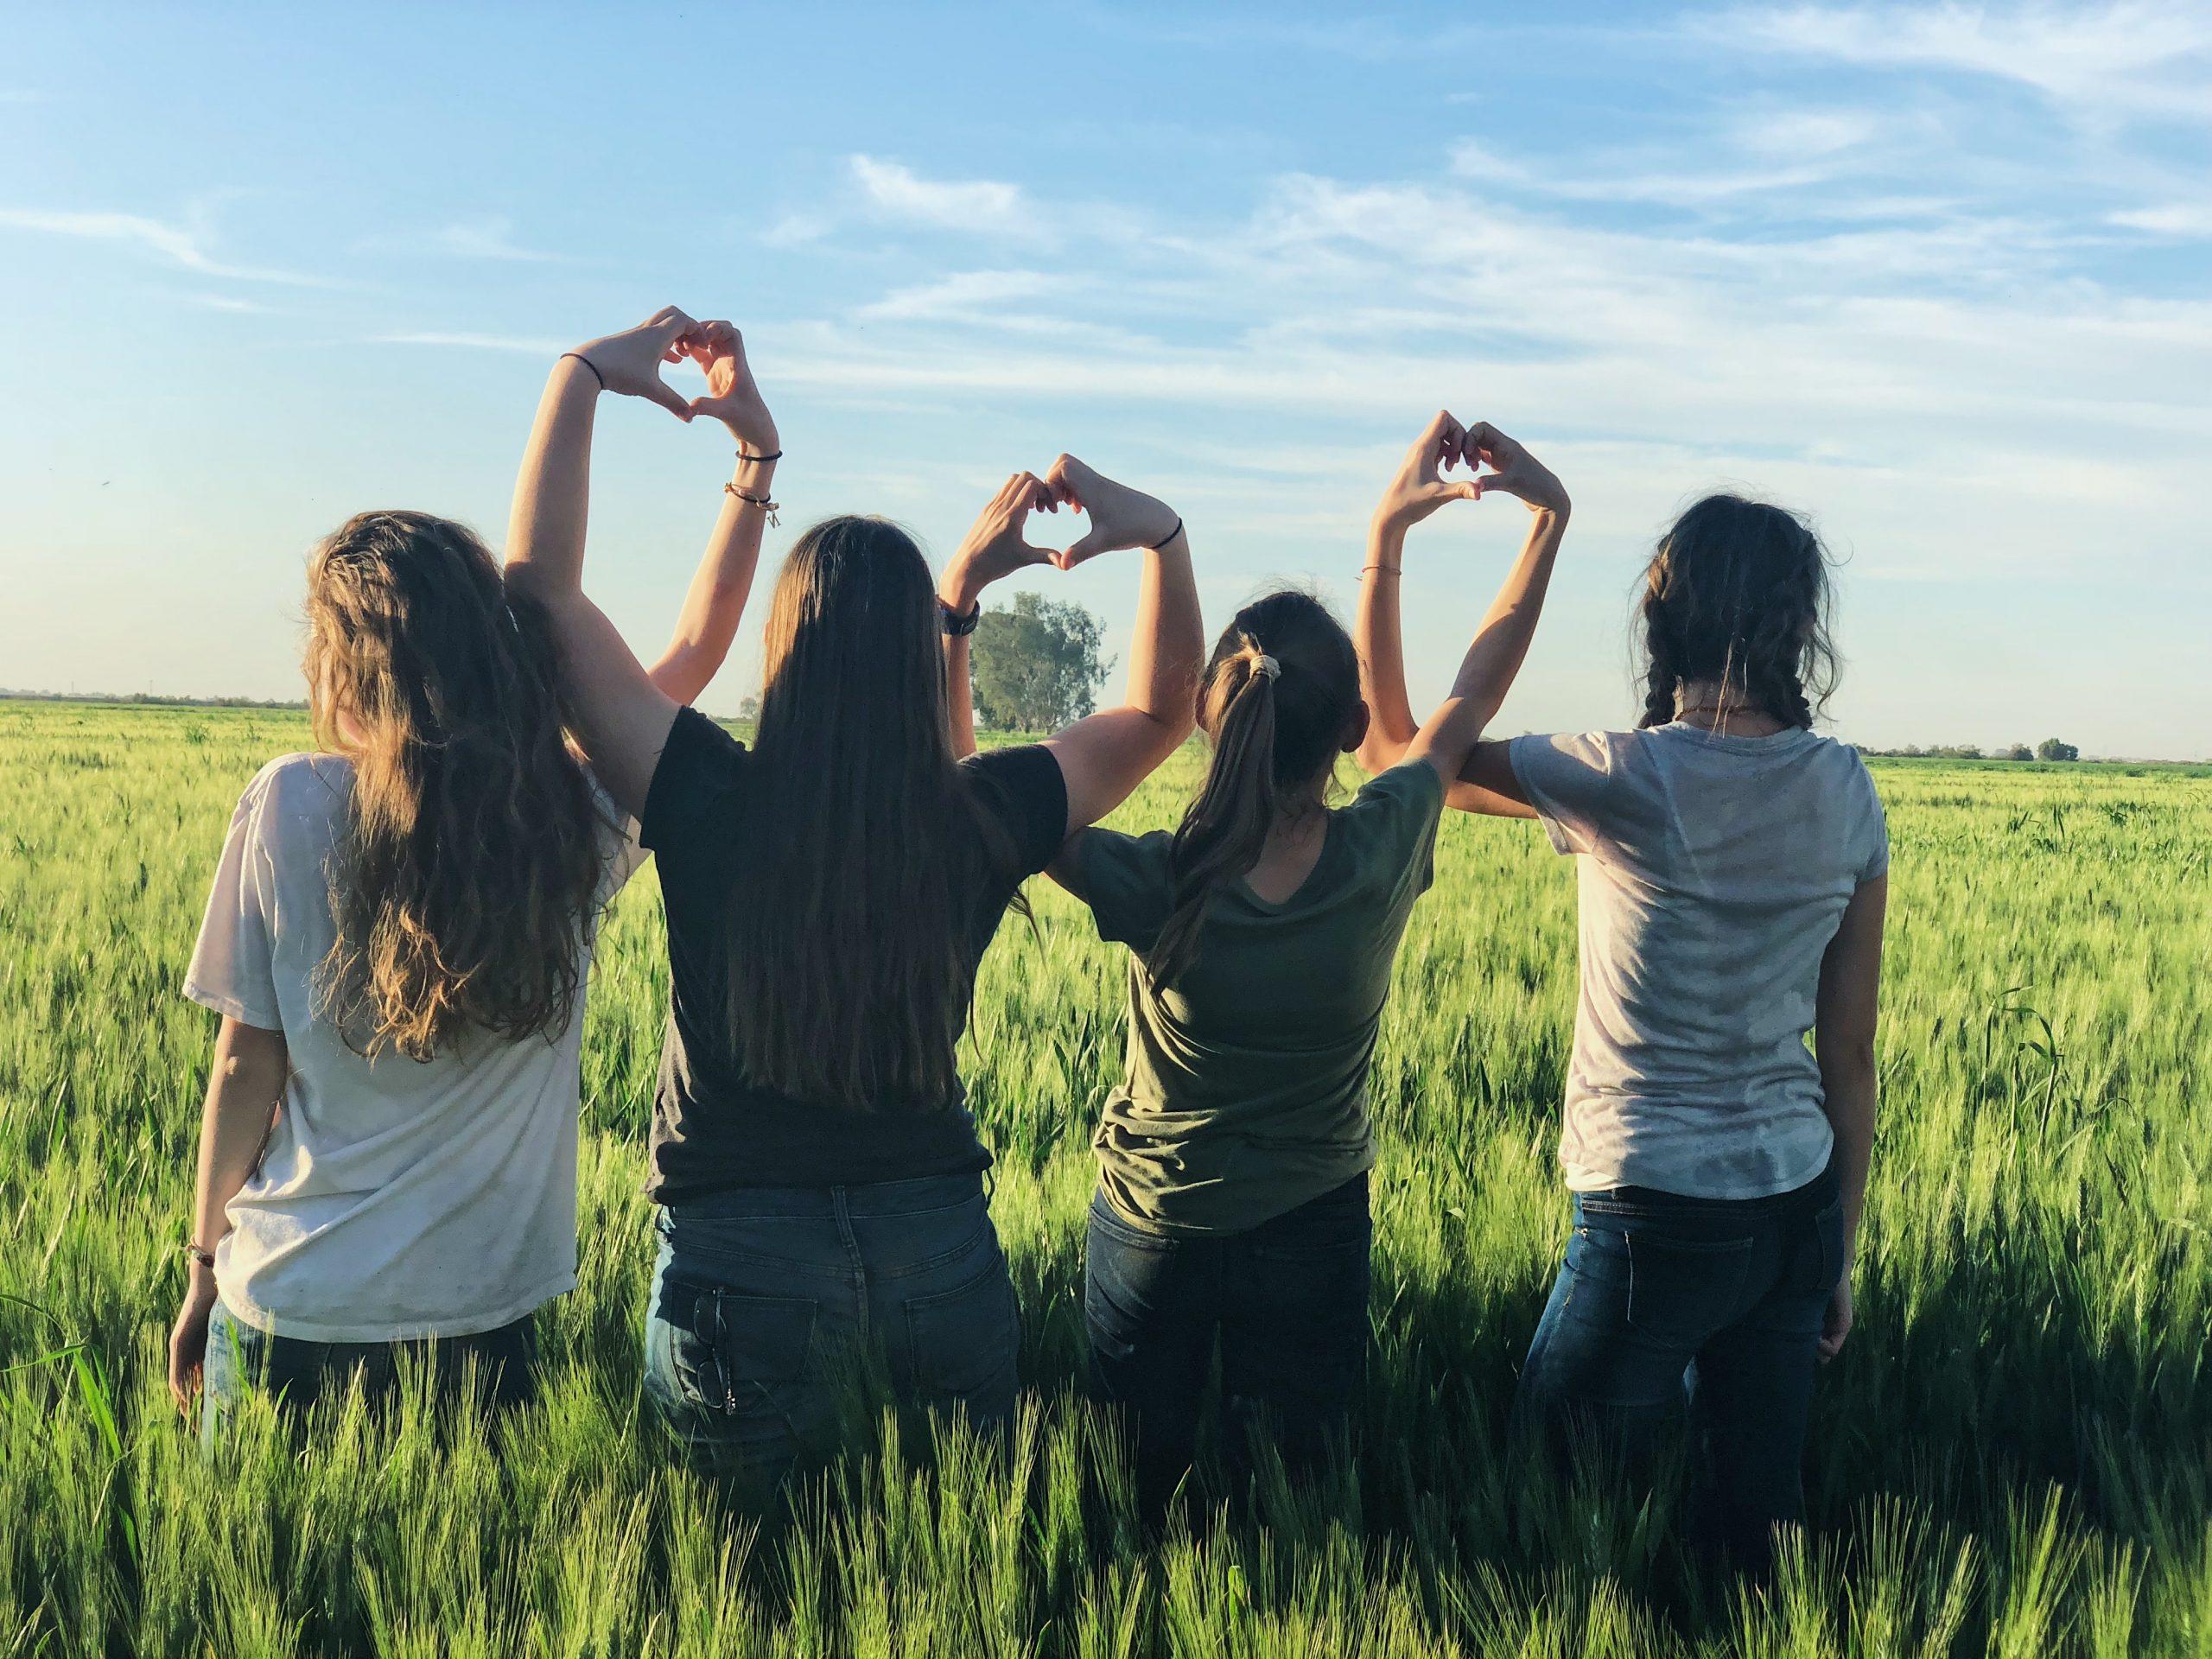 Il Patto delle Donne per il clima e l'ambiente, il Manifesto degli Stati Generali delle Donne